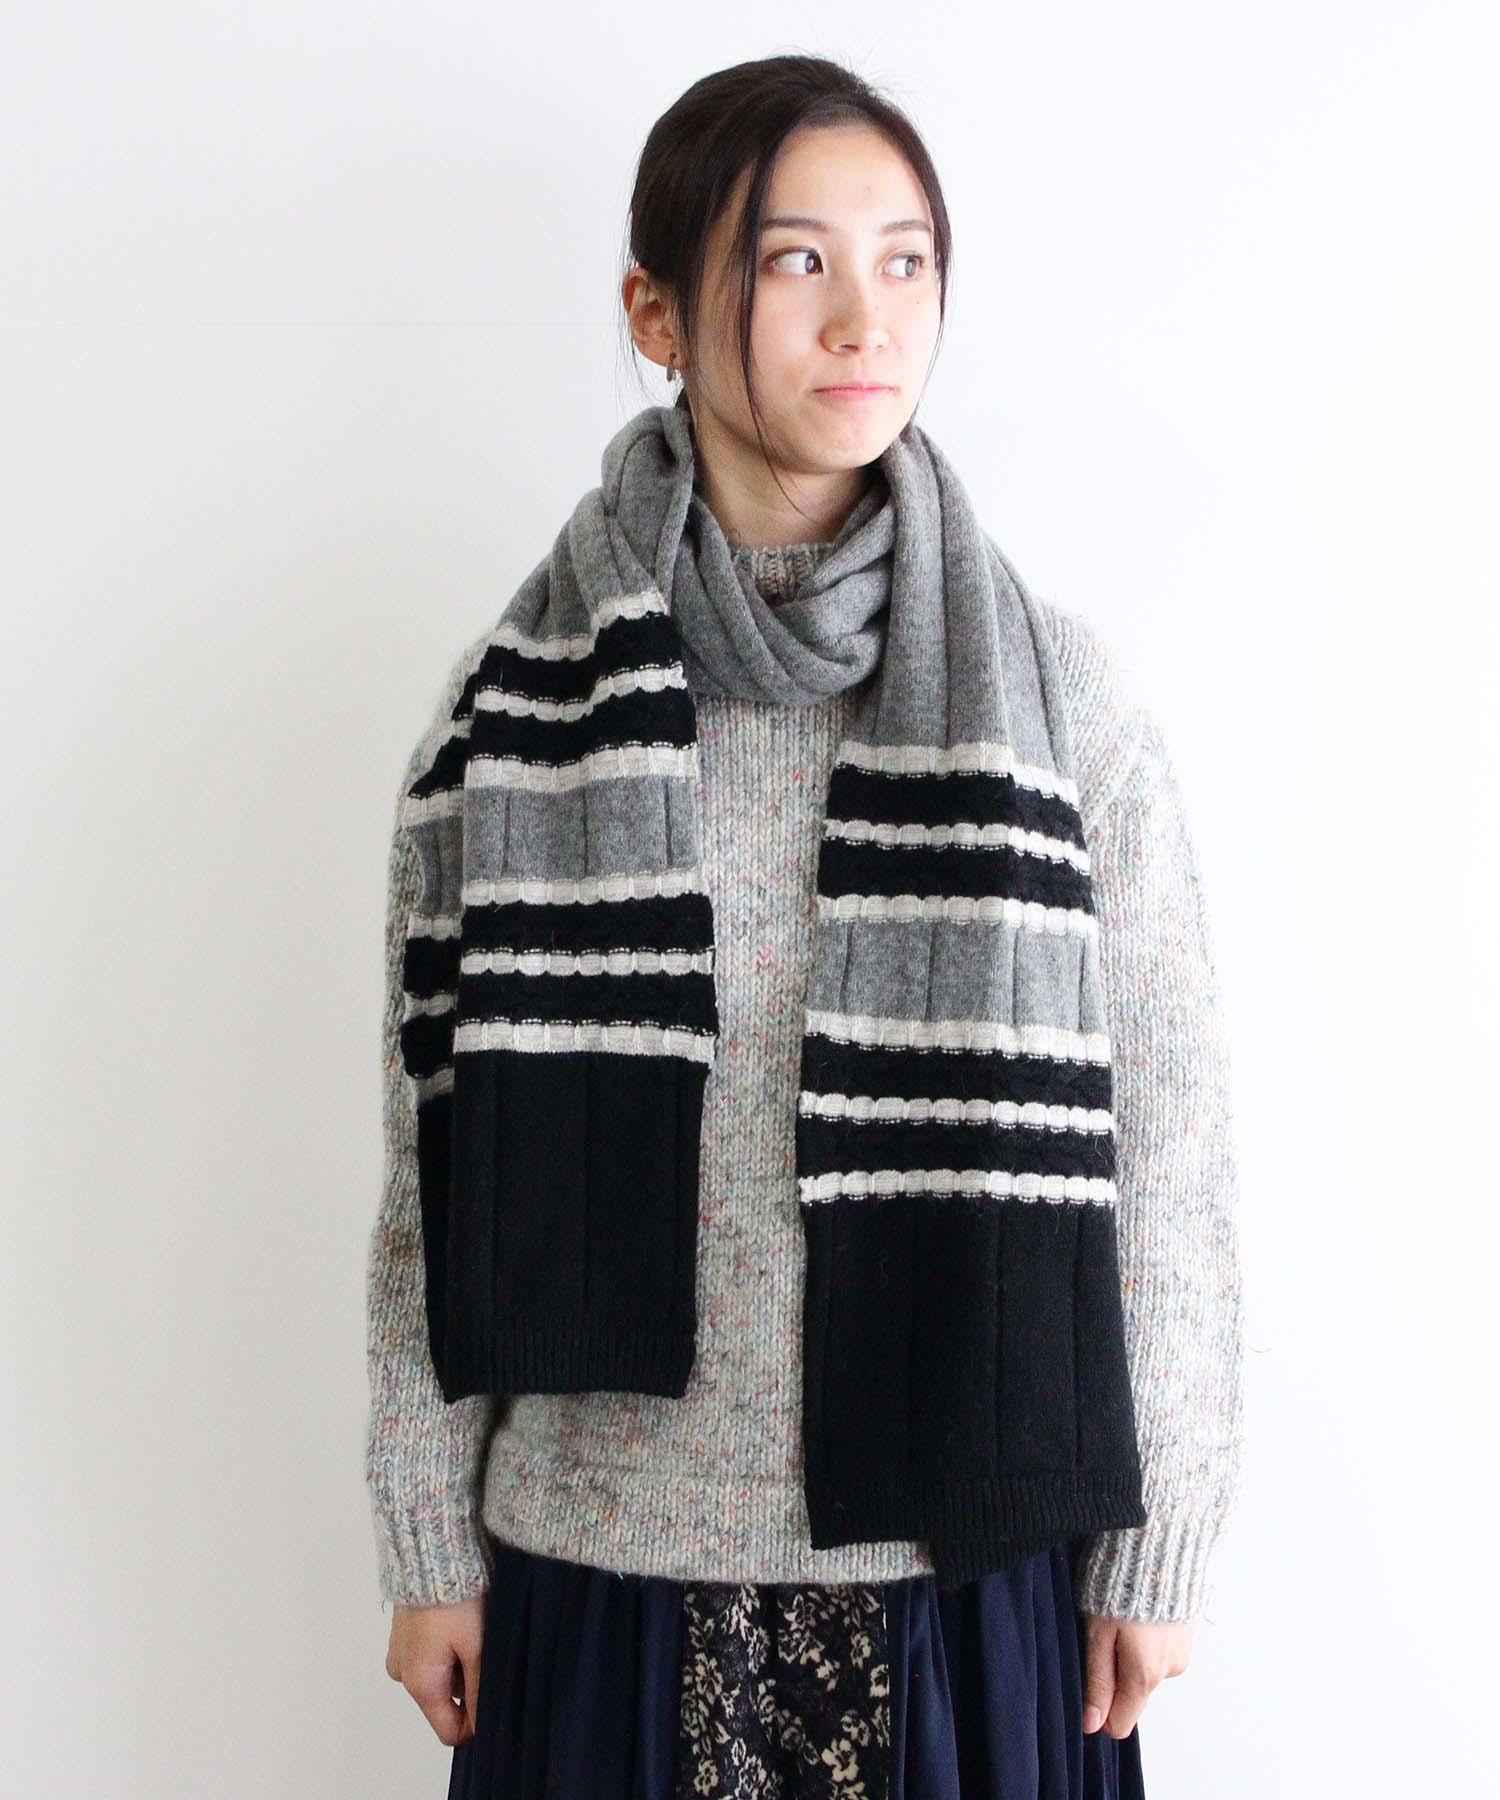 特殊なケーブル編みを編みこんだマフラー GRY